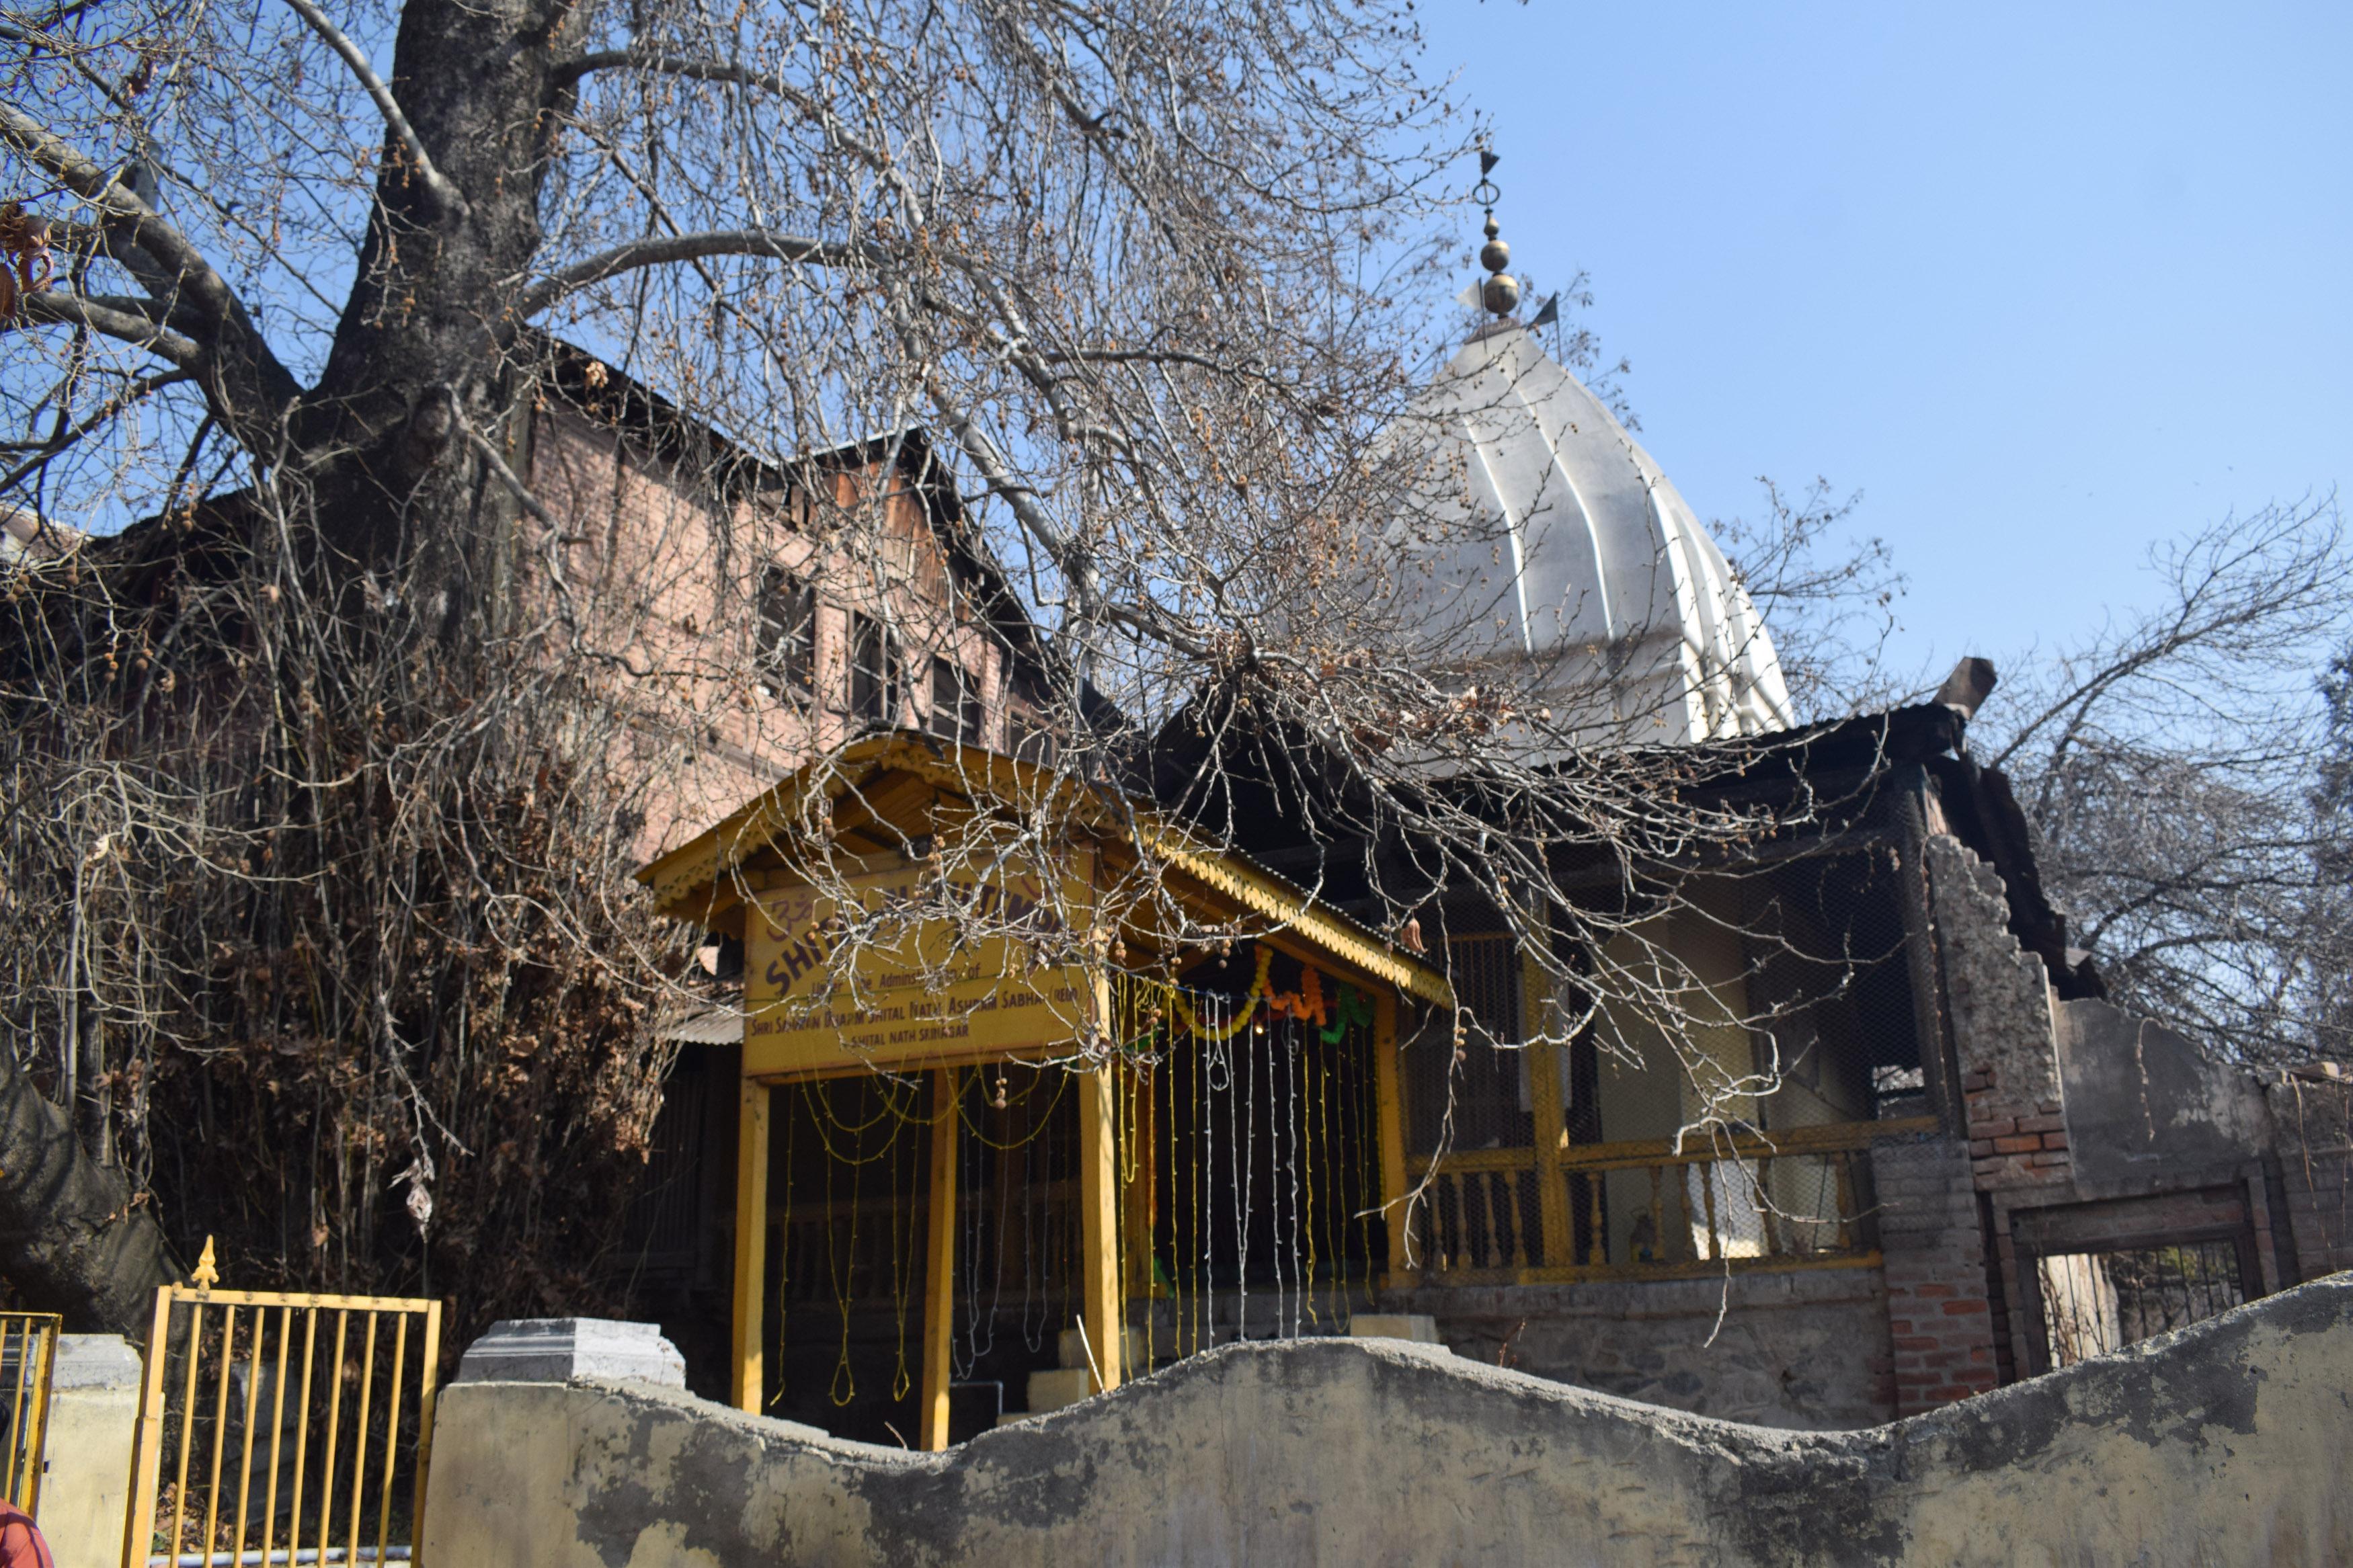 आतंक के साए से निकला मंदिर, 32 बाद वसंत पंचमी की बहार